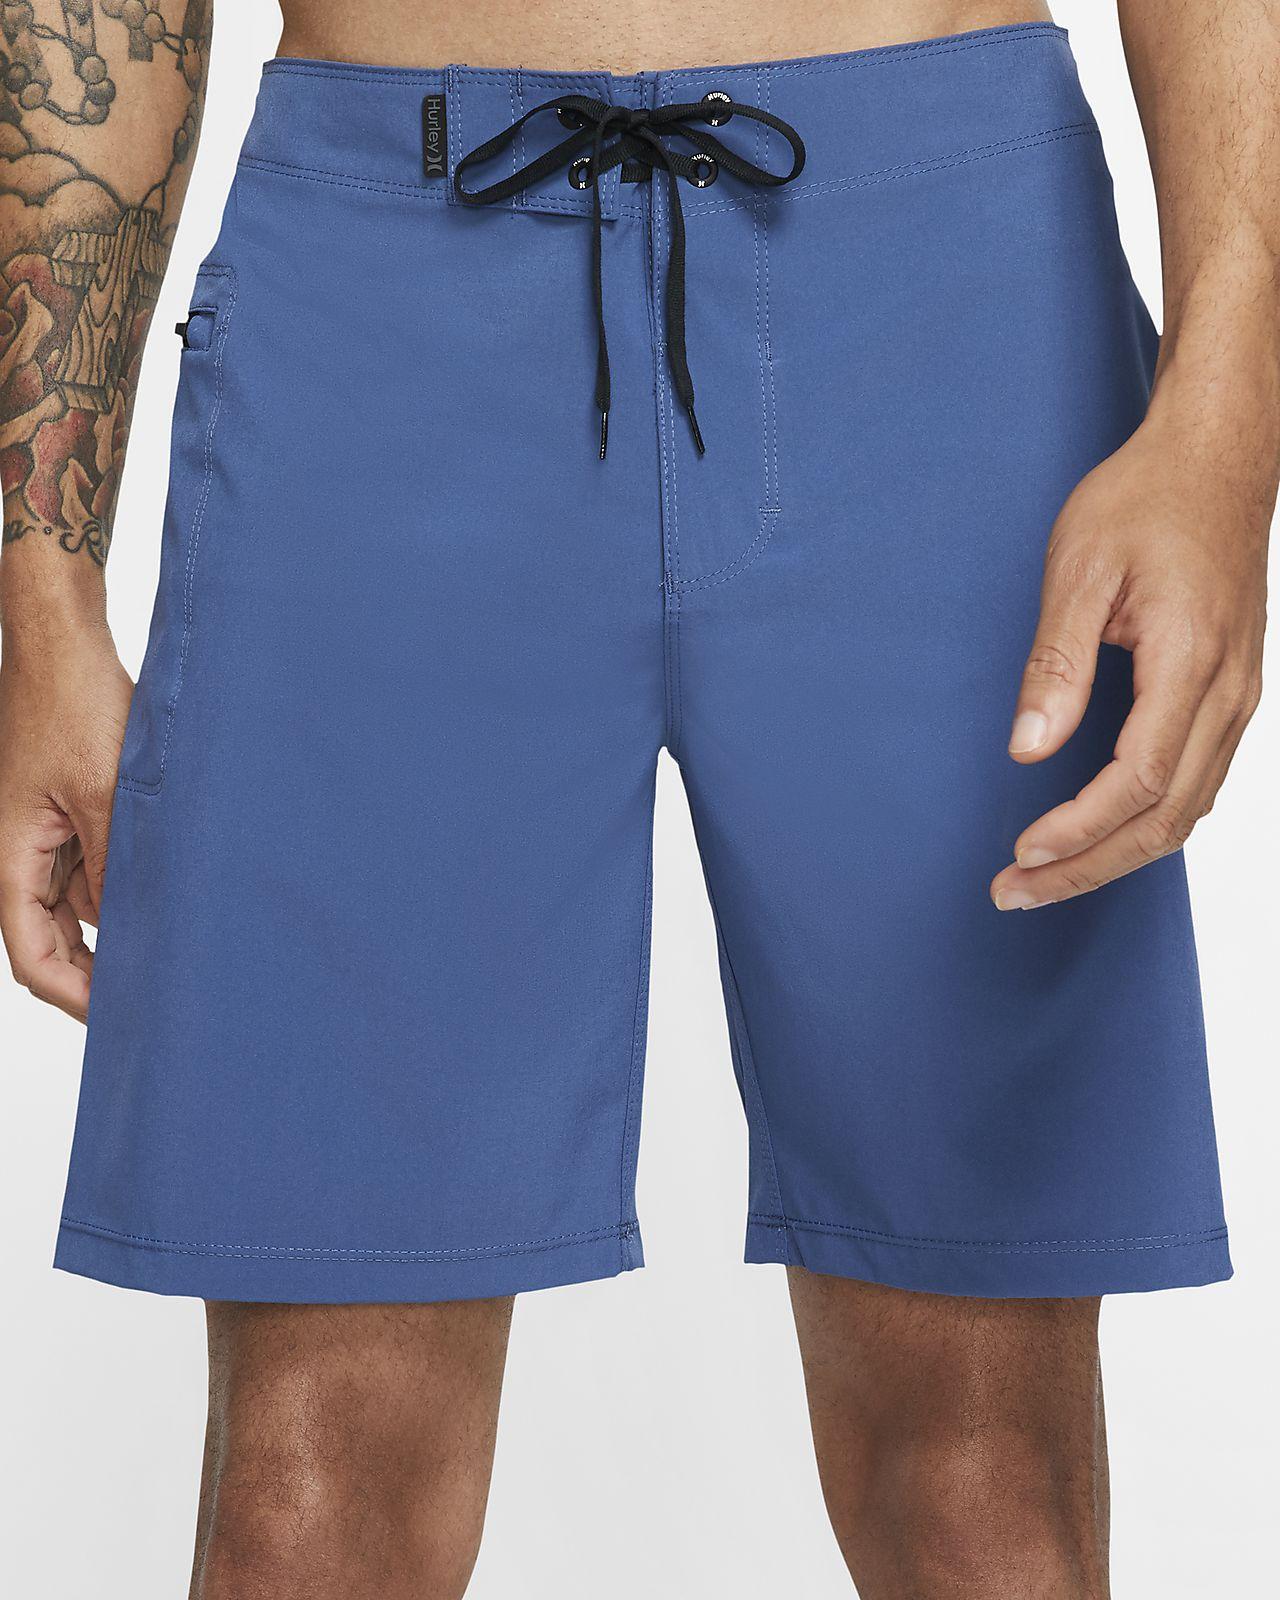 Boardshorty męskie Hurley Phantom Only One 46 cm